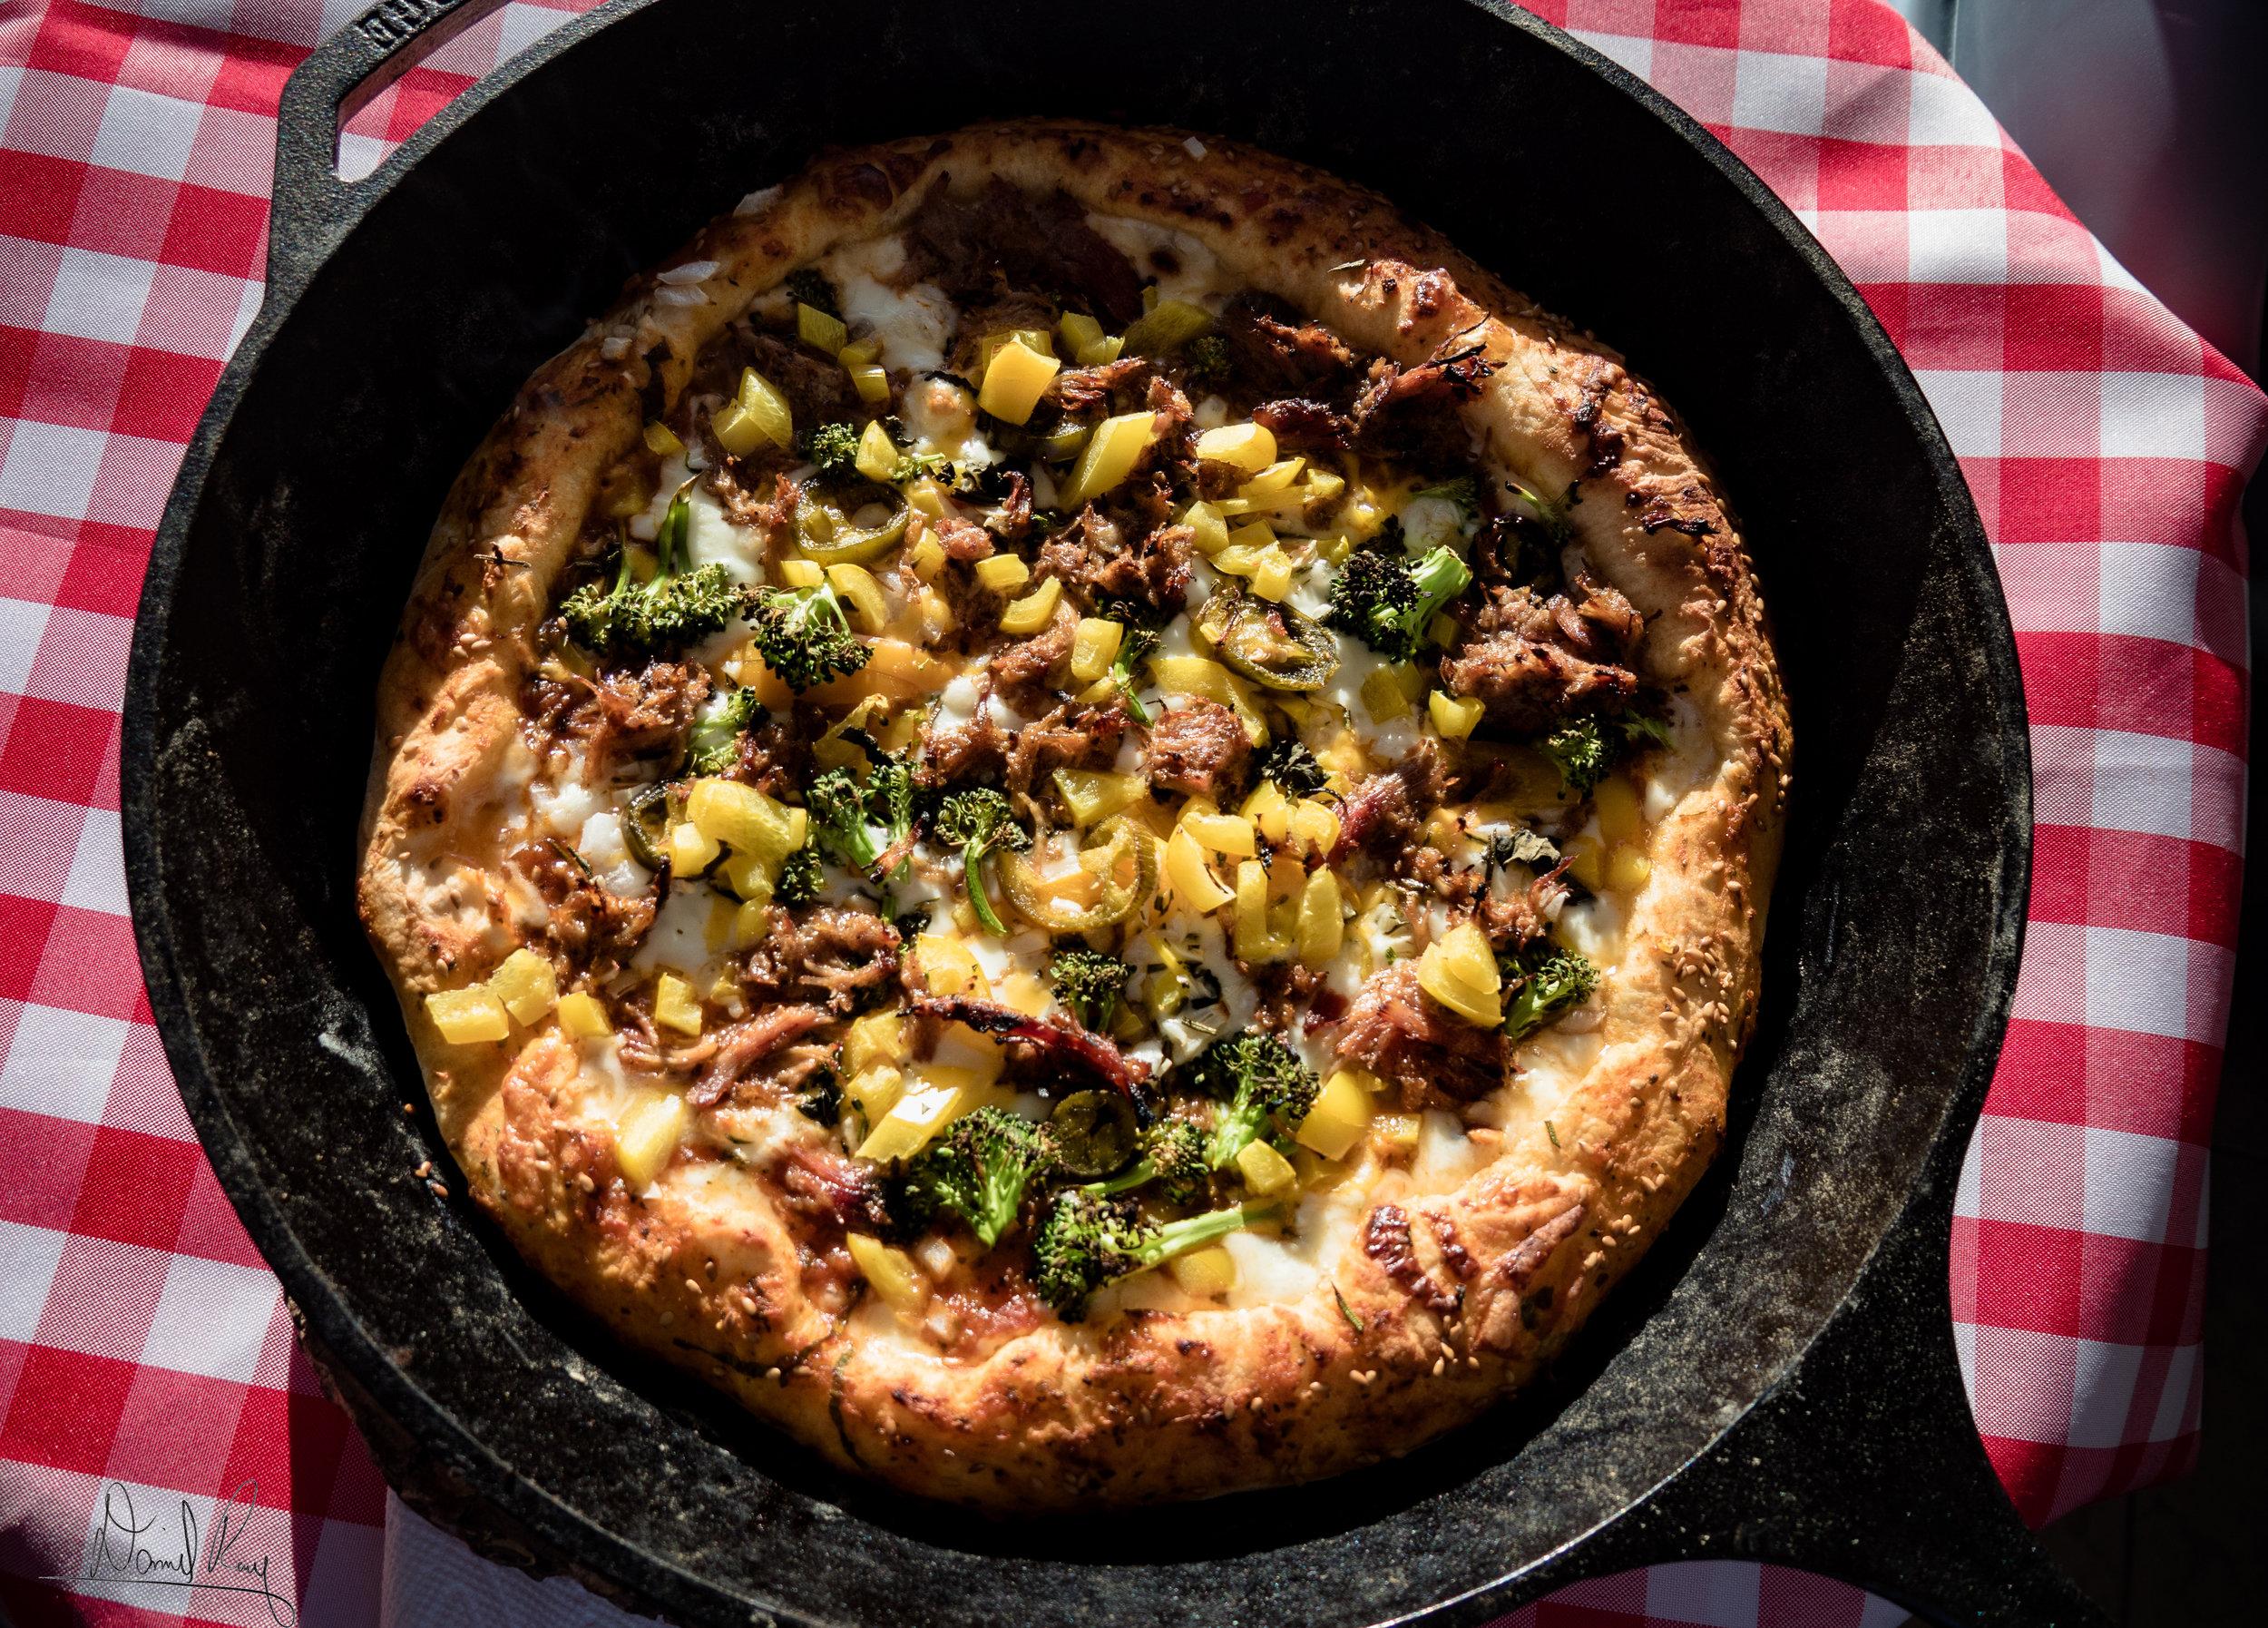 Stuffed Crust Pizza - Where it all began